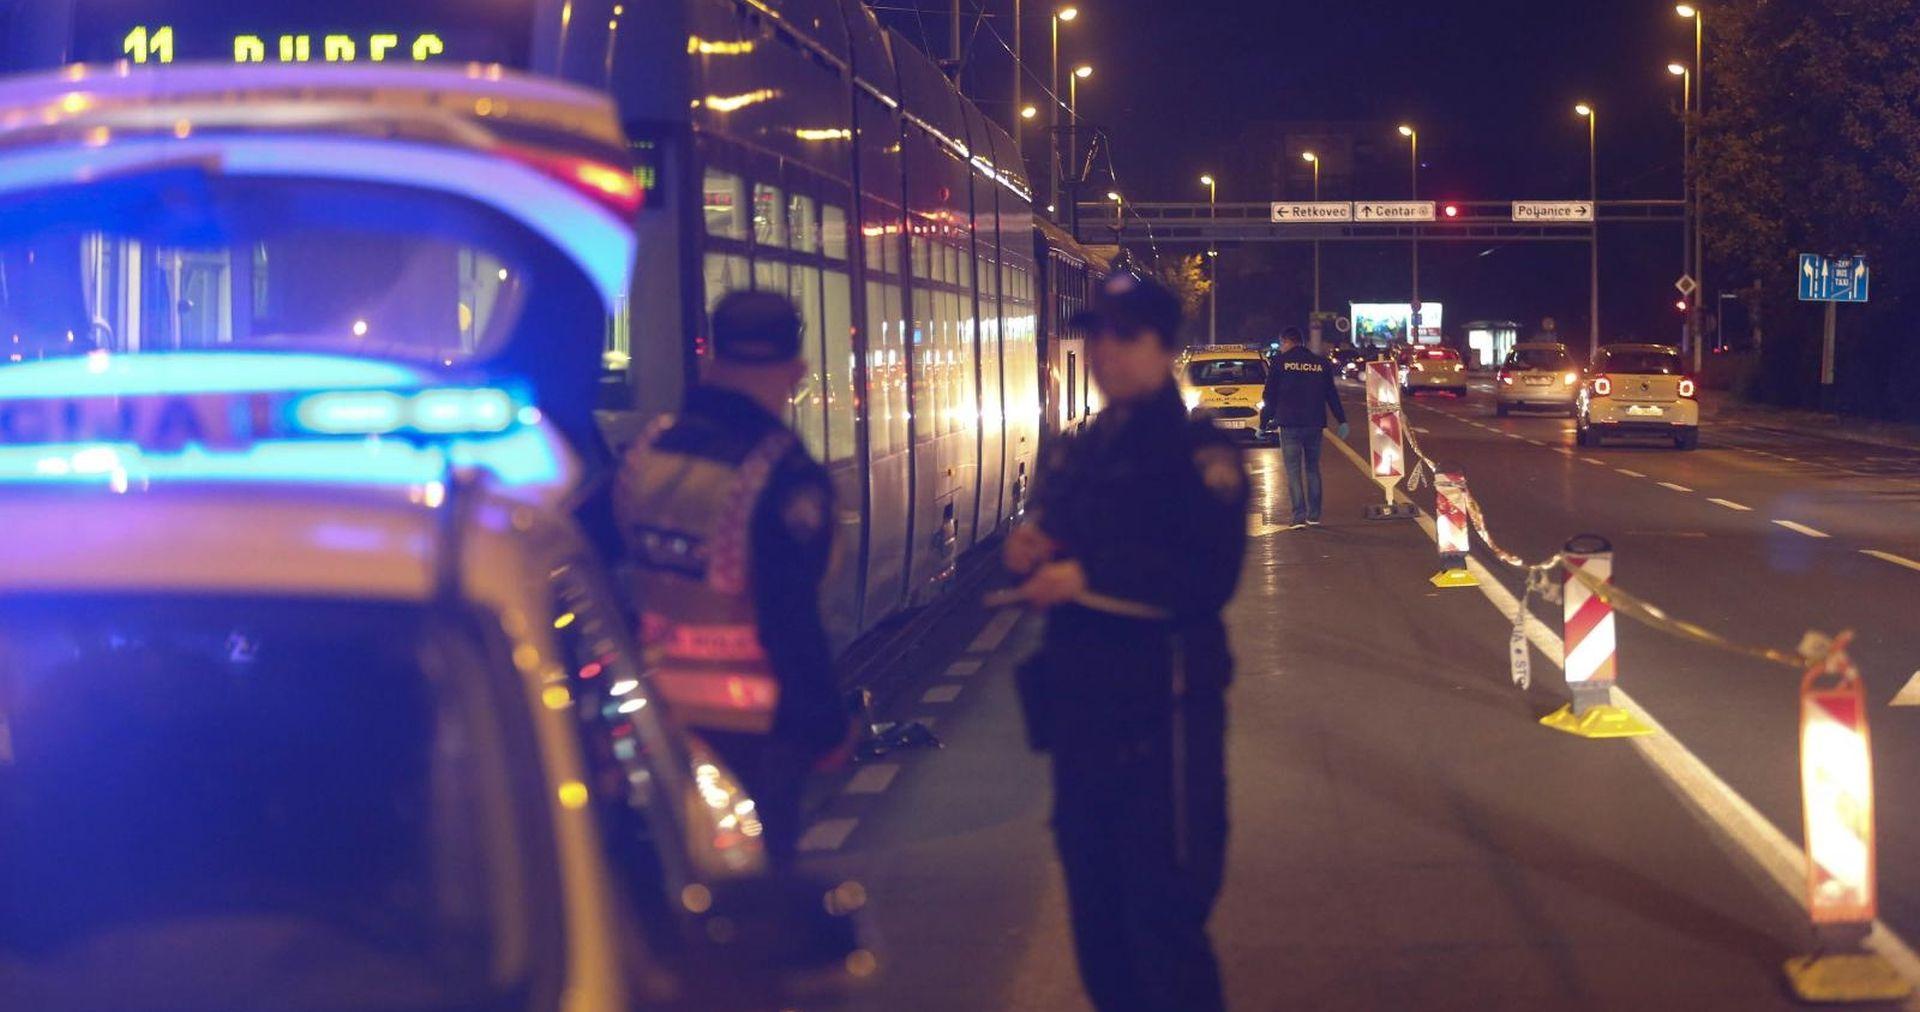 NESREĆA U ZAGREBU Pješak pao pod tramvaj i poginuo